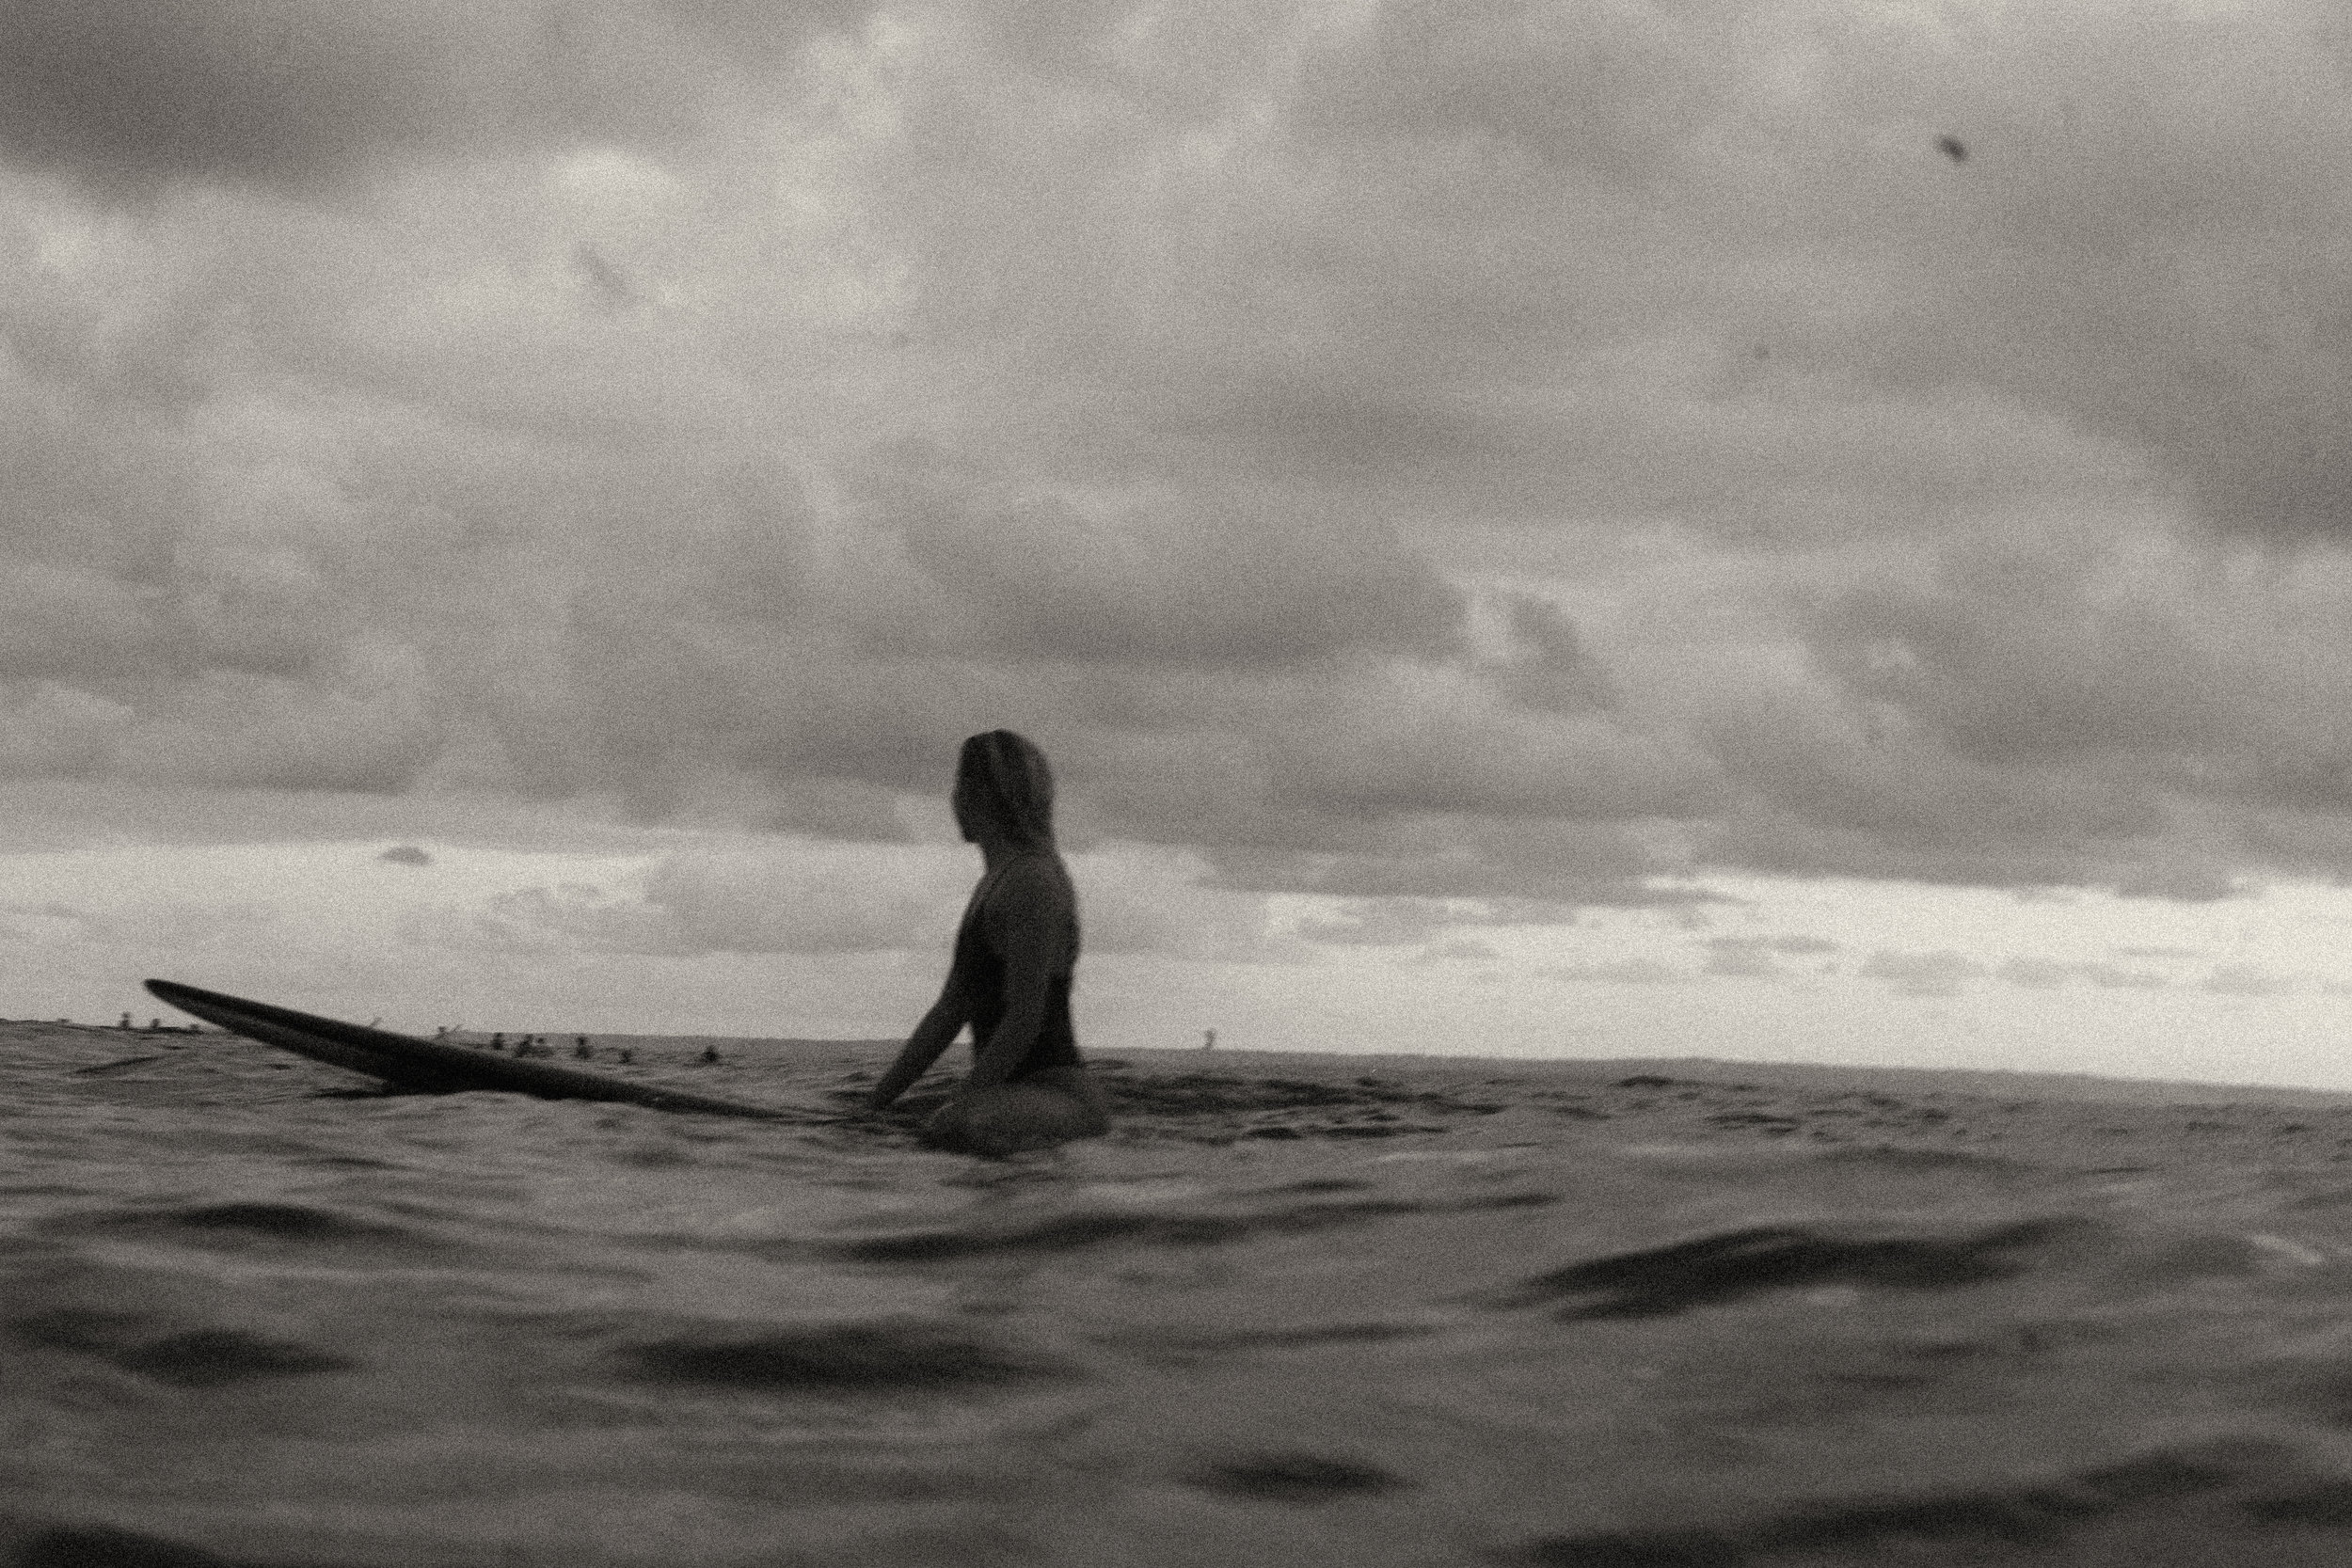 erik_winter_surf_surfing_22.jpg